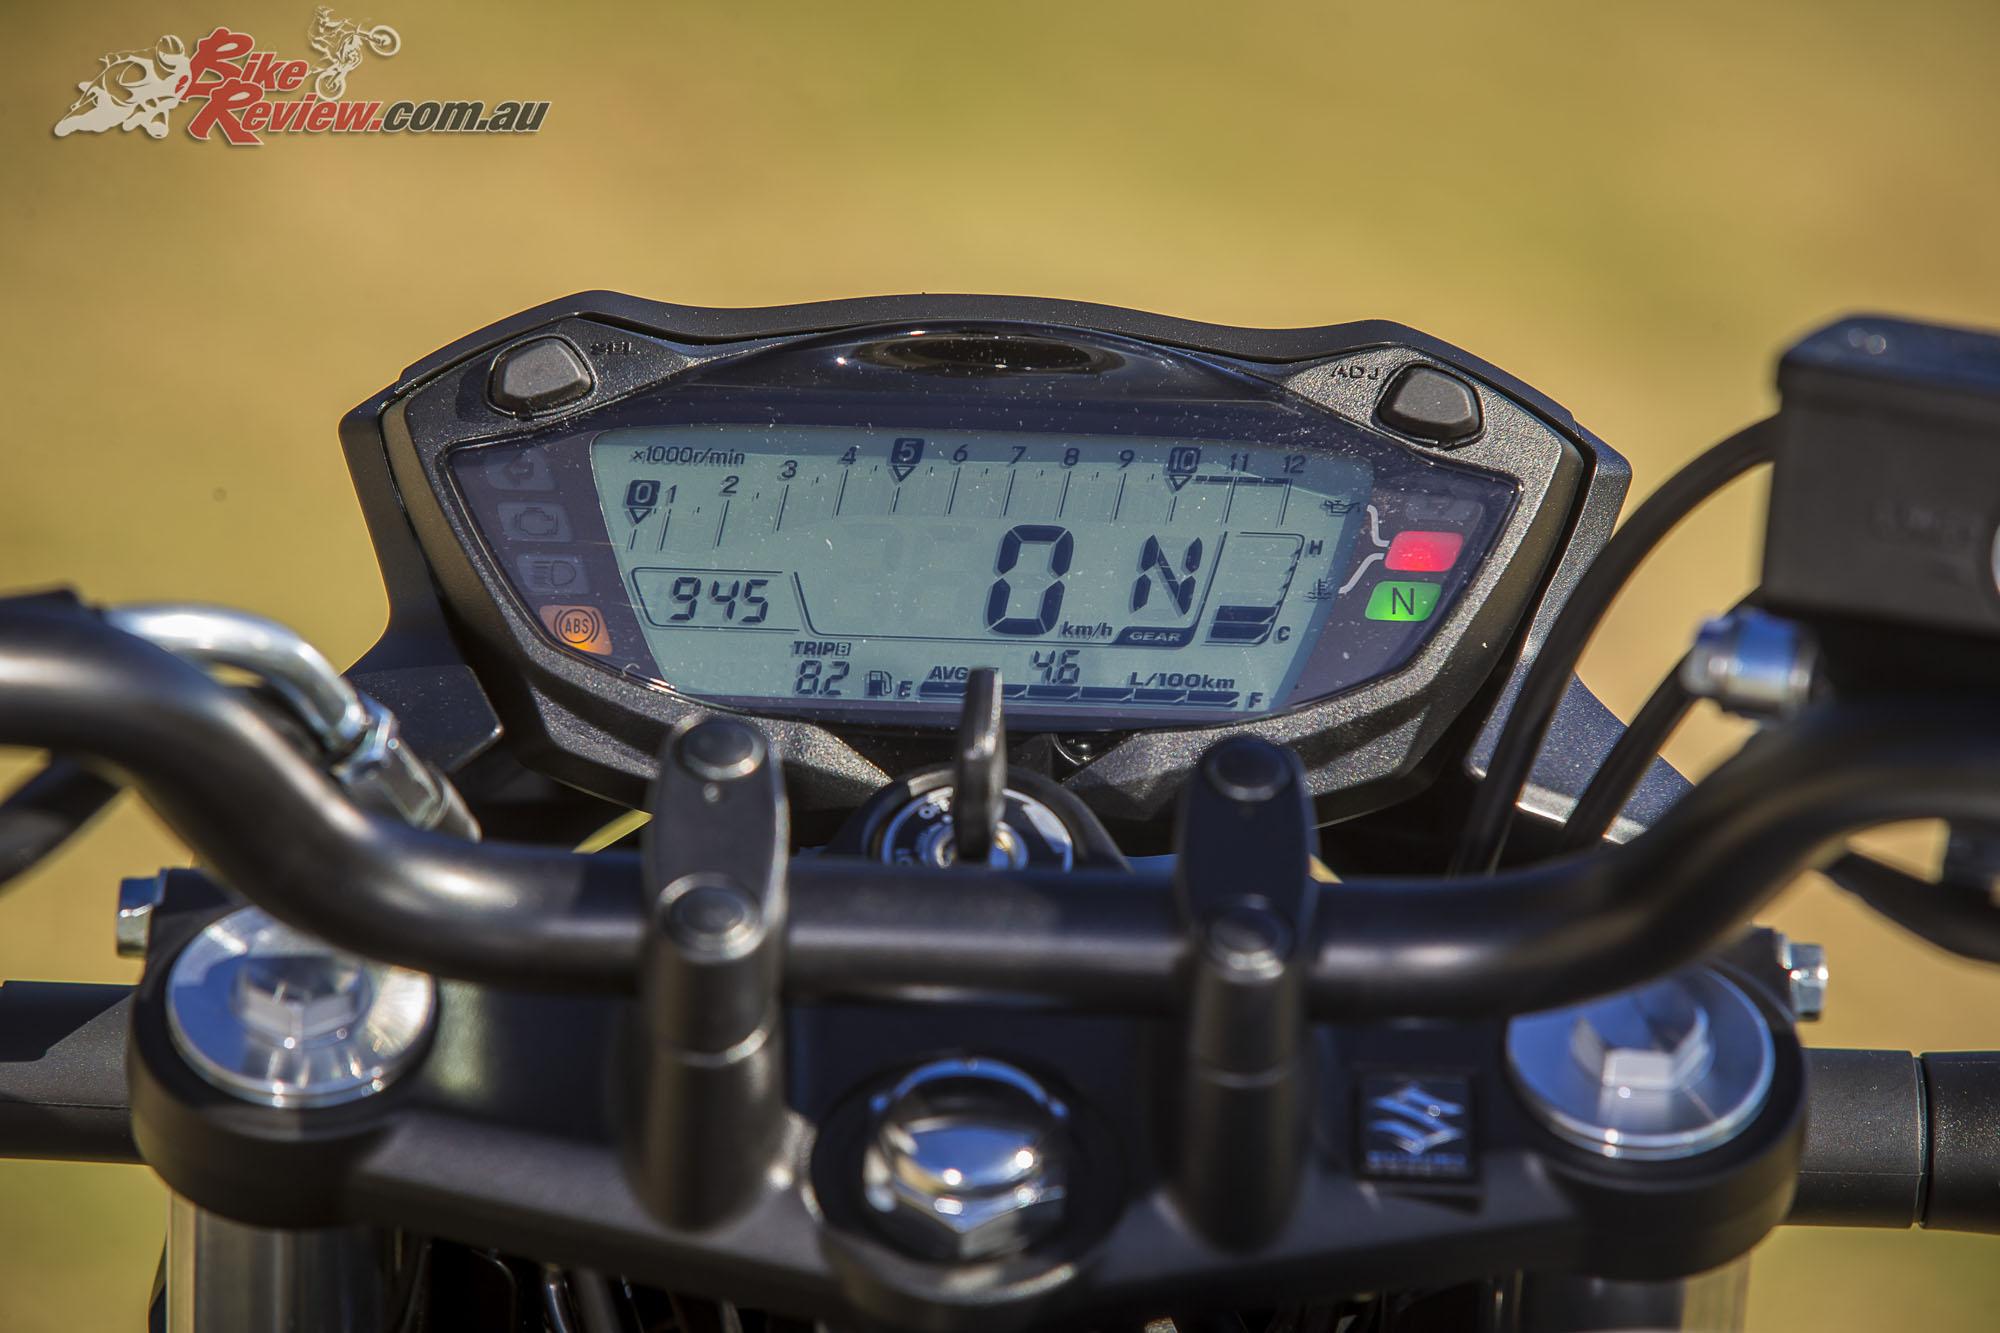 2016 Suzuki SV650 LAMS Bike Review Stat 37